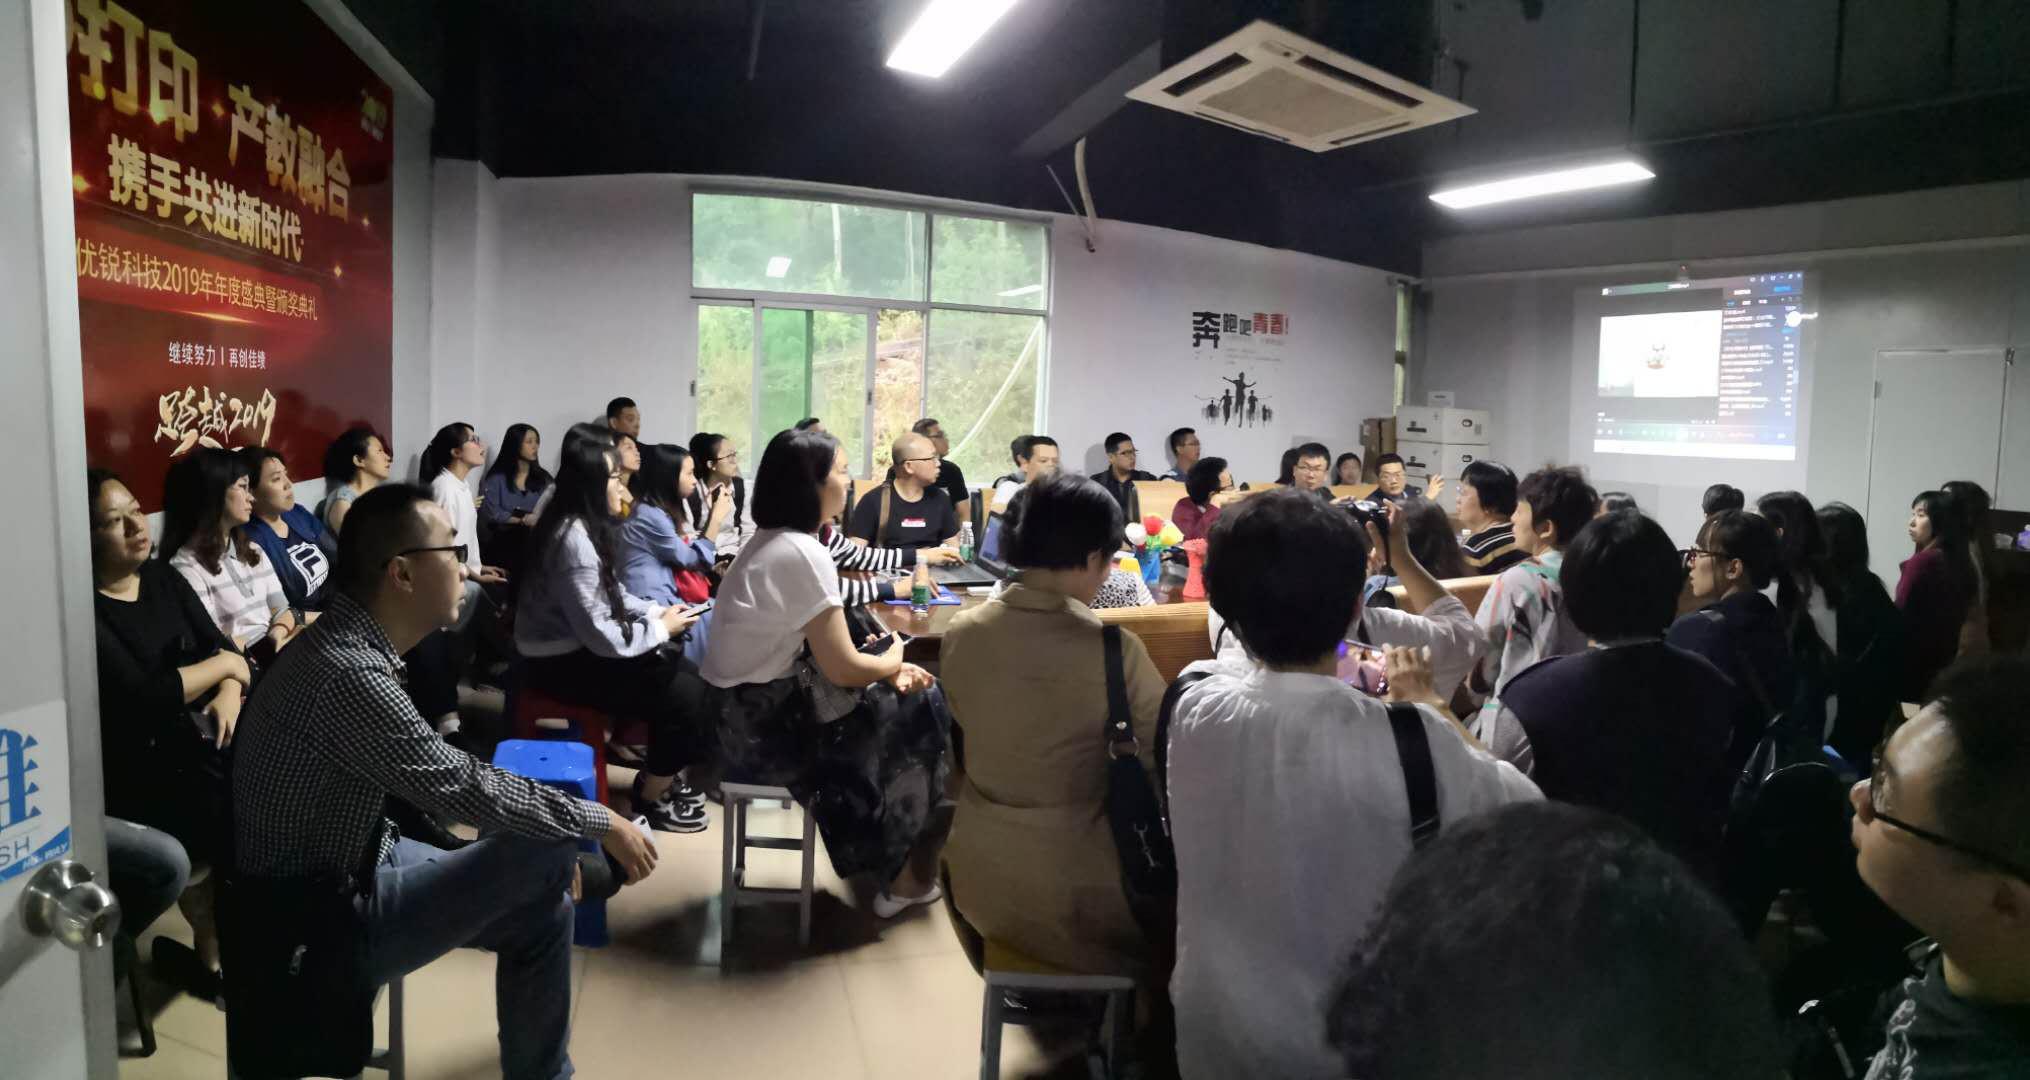 热烈欢迎黑龙江鹤岗市教育局各位领导、校长及汕头市创客教师莅临优锐参观交